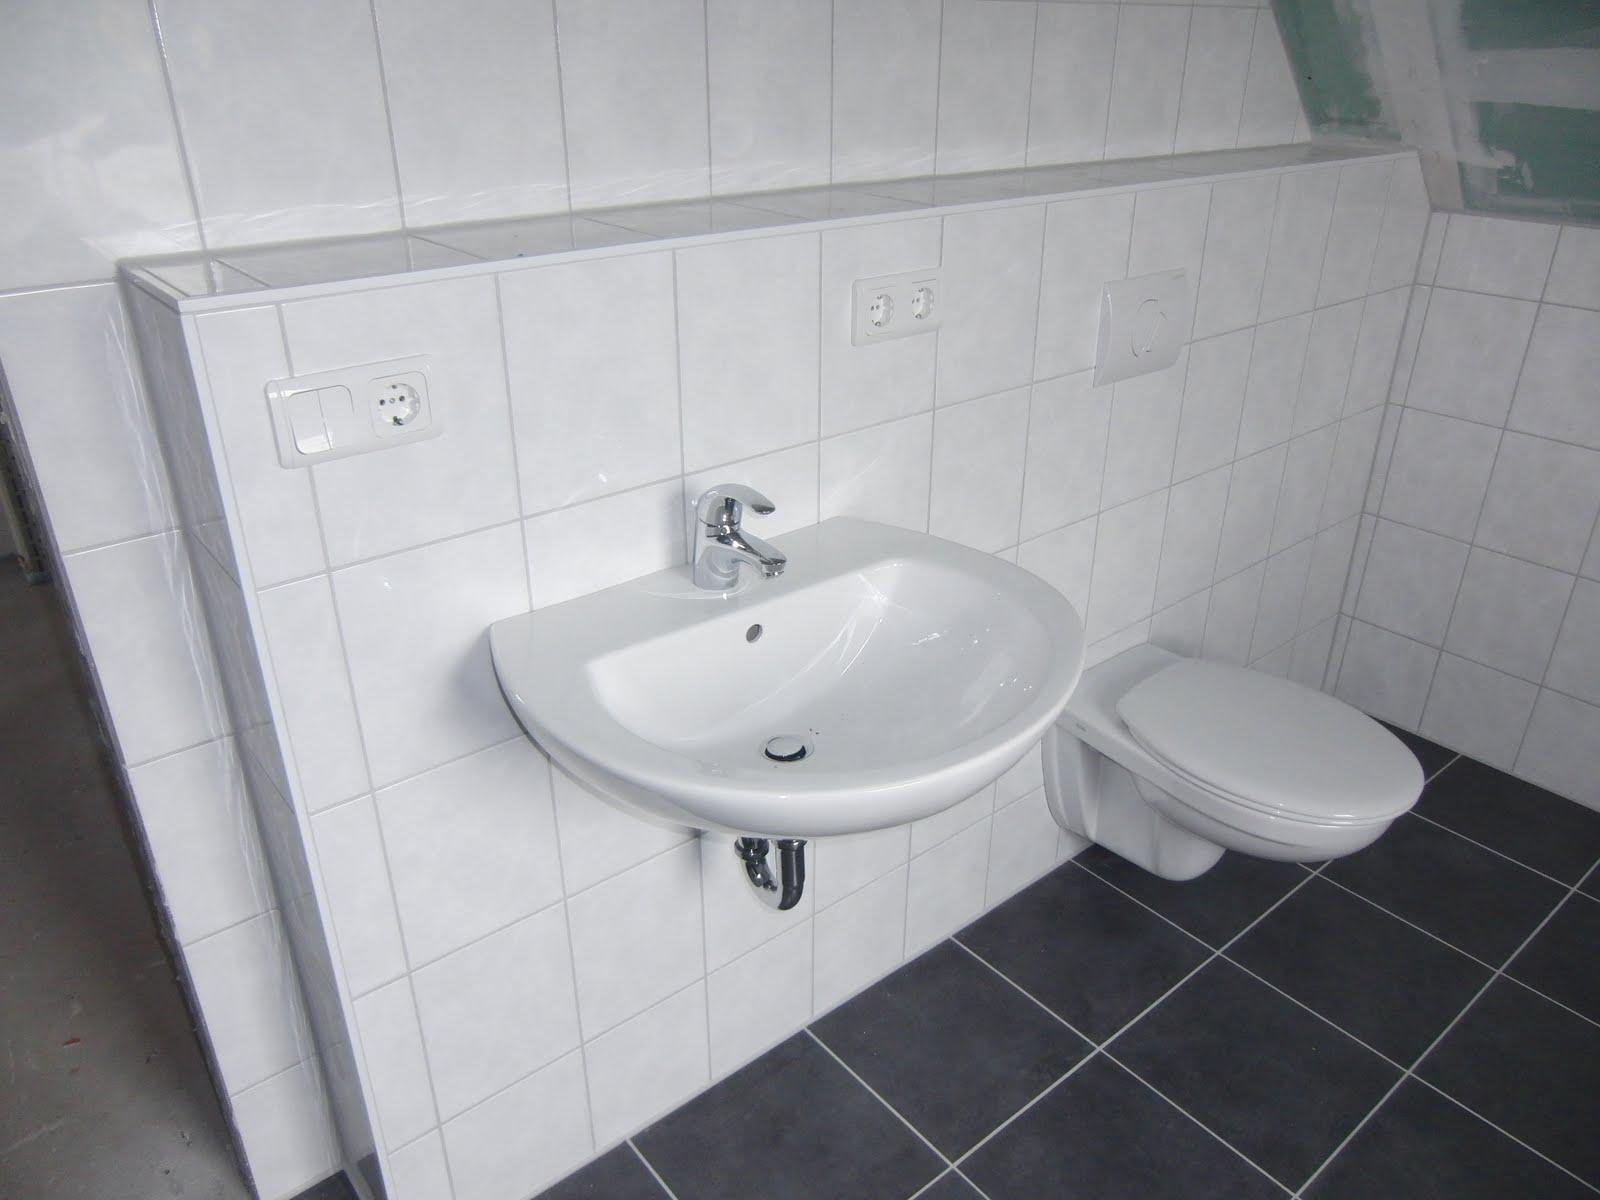 Wunderbar Fesselnd Uns Fiel Nur Auf Das Einige Fliesen Im Gäste WC Noch Fehlen. Da  Müssen